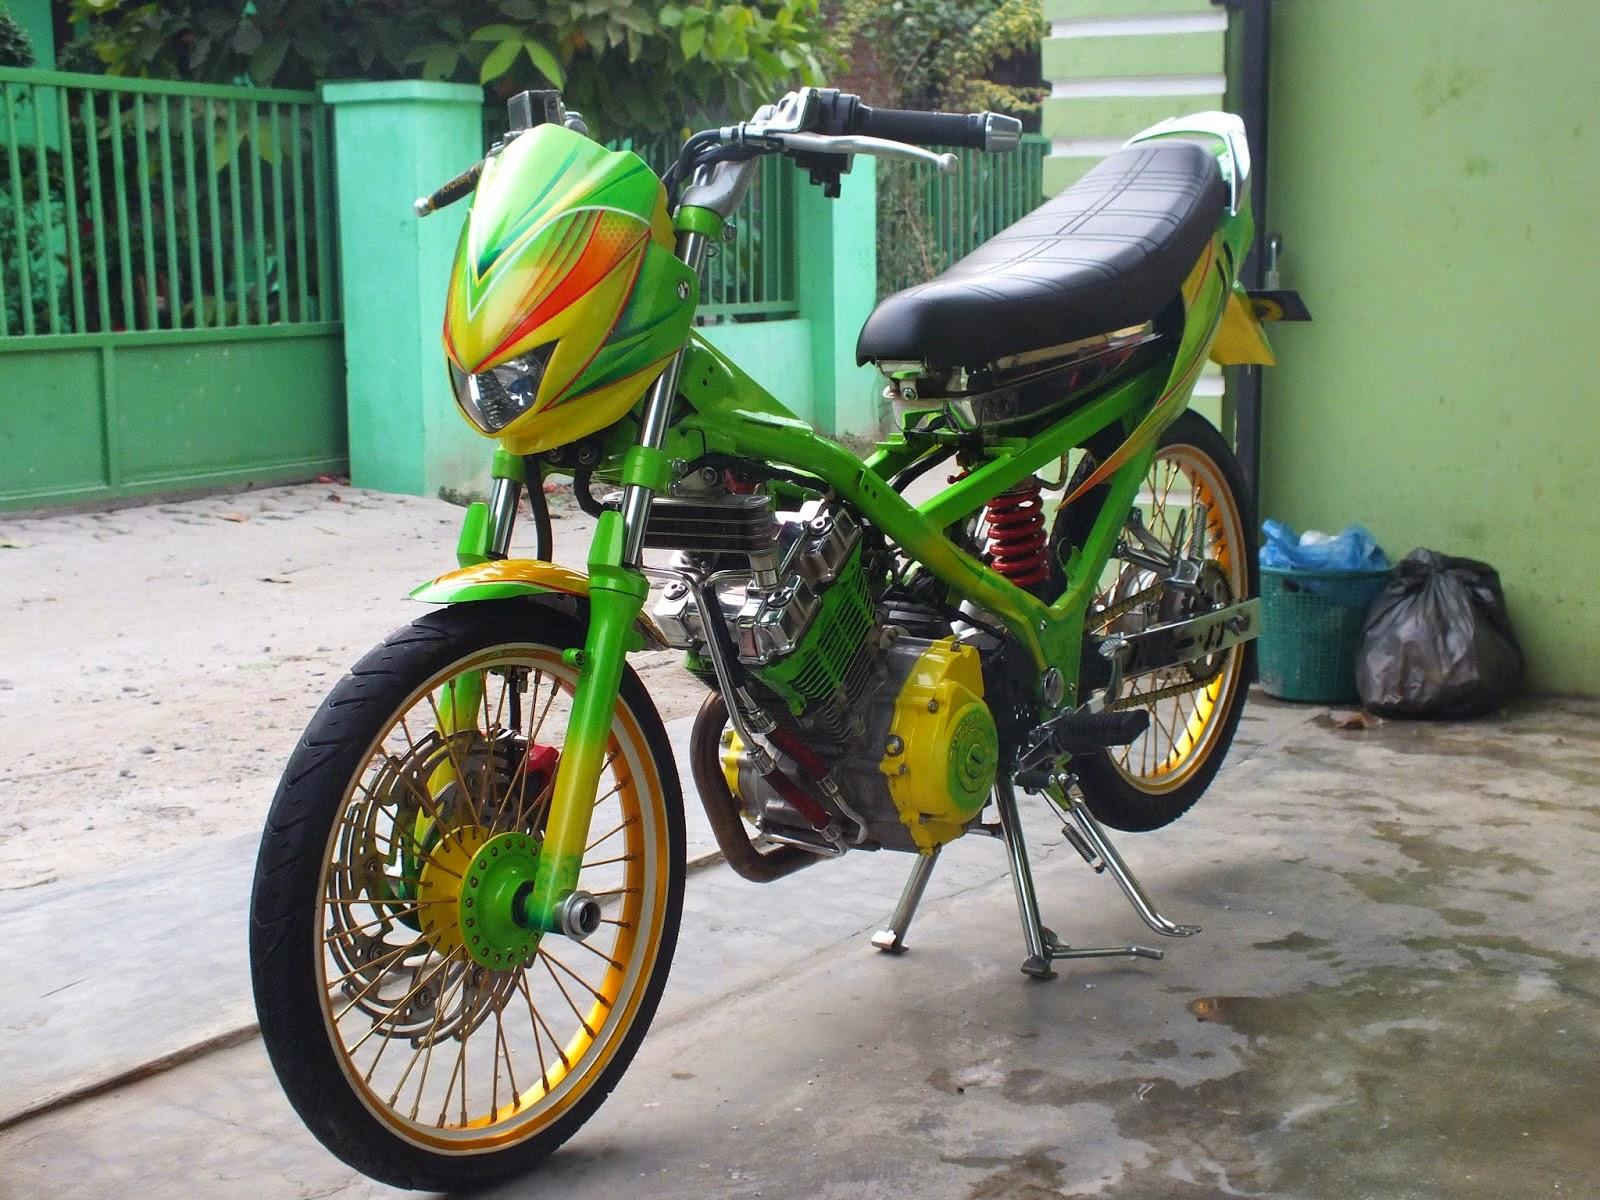 Modif Striping Yamaha Vega Zr Jenis Motor